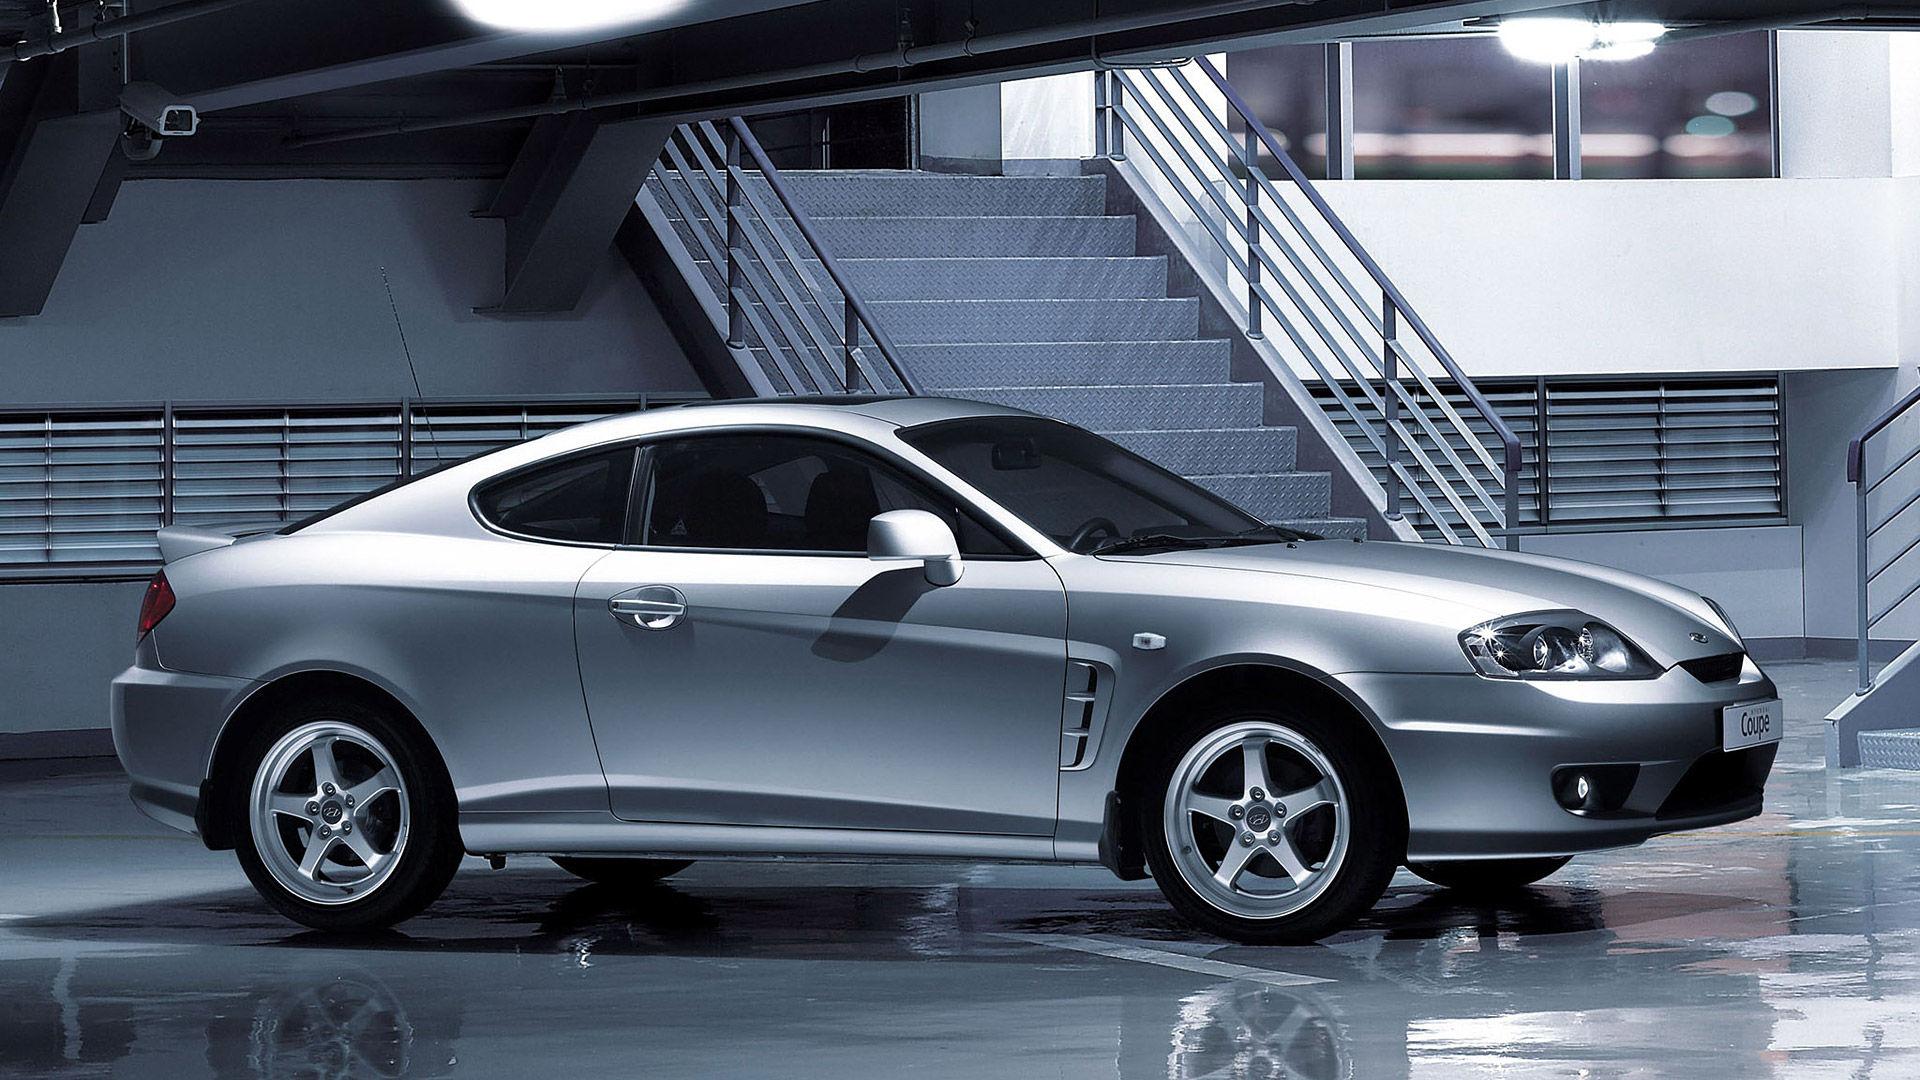 2005 Hyundai Coupe